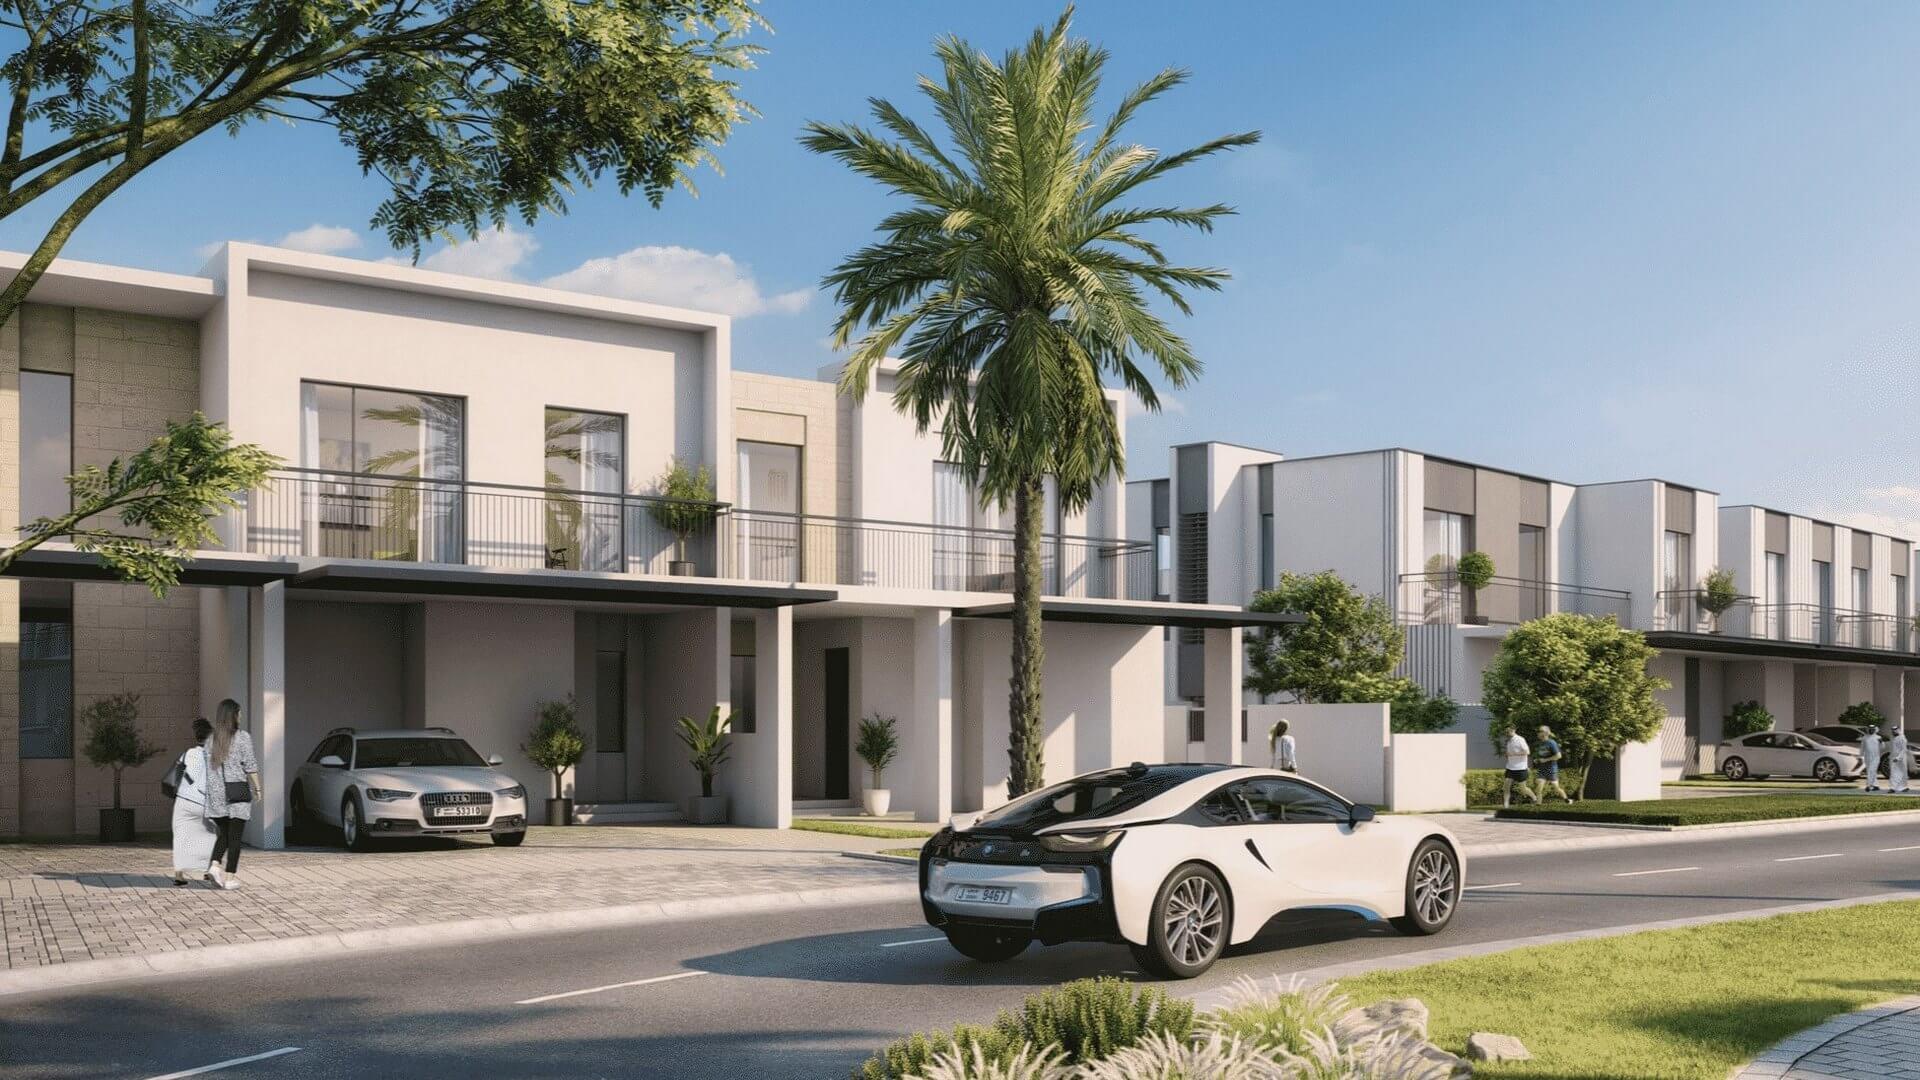 Villa en venta en Dubai, EAU, 3 dormitorios, 180 m2, № 24047 – foto 3